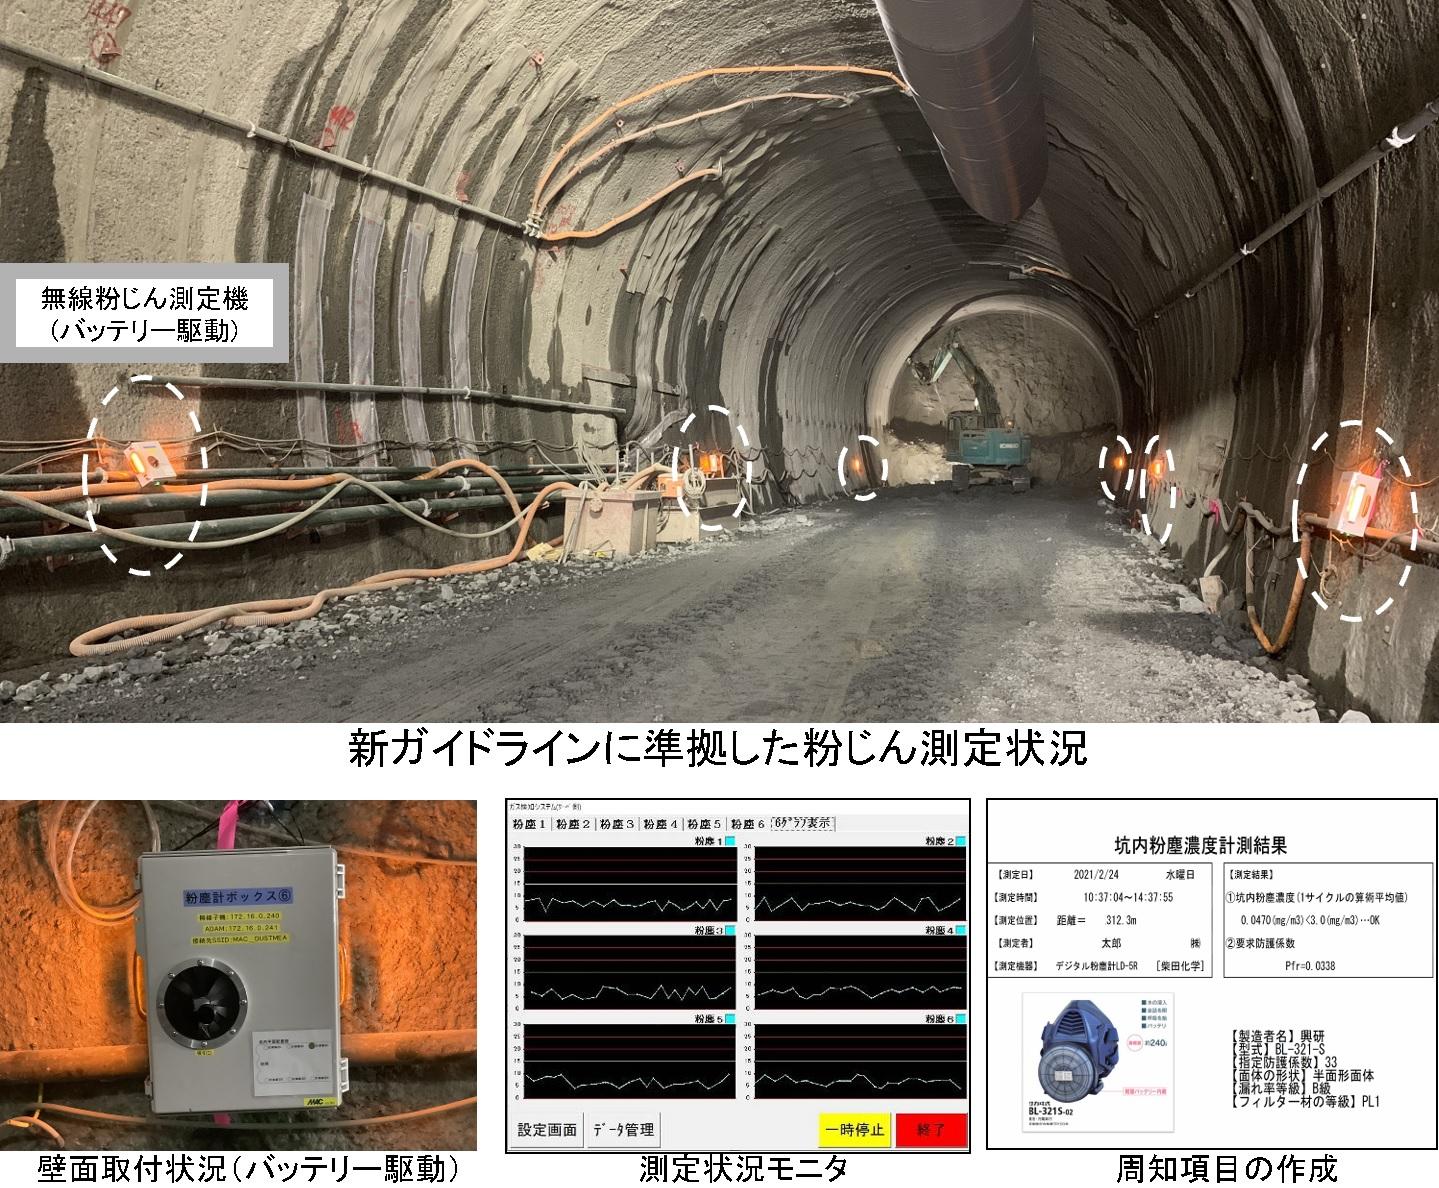 トンネル粉じん測定システムを開発